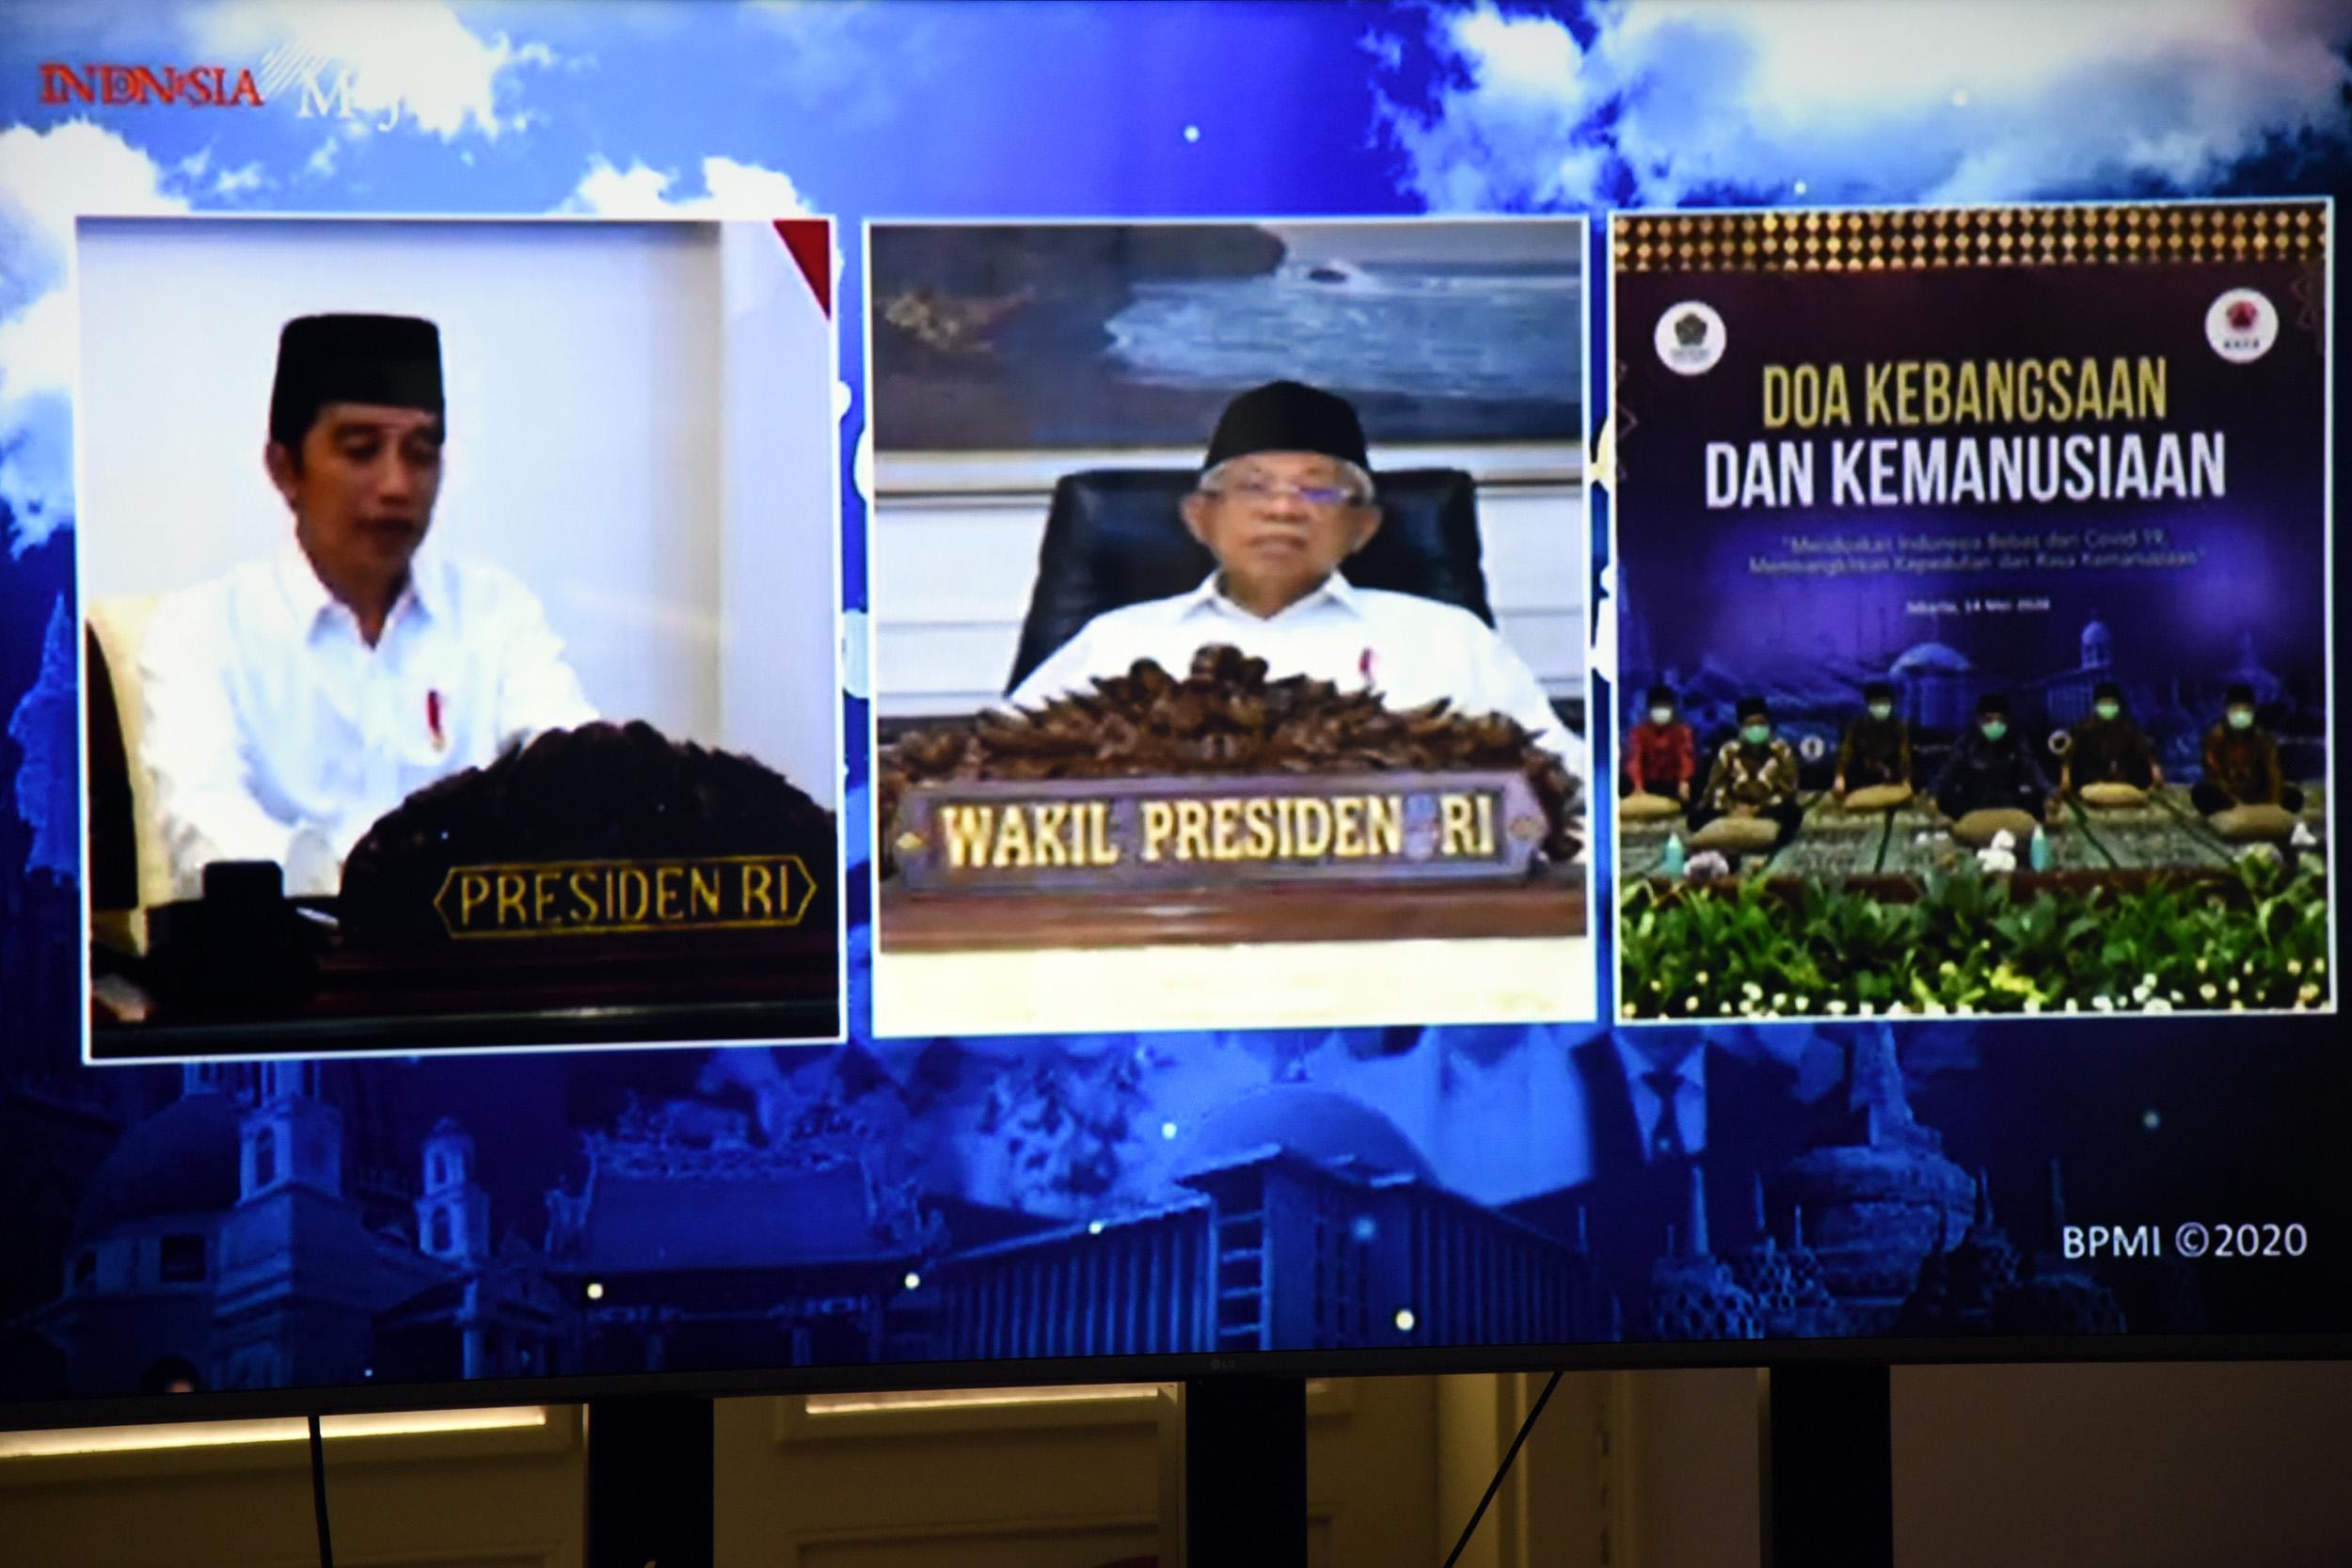 Presiden: Dalam Hadapi Kesulitan, Tidak Boleh Pesimis dan Semua Wajib Ikhtiar